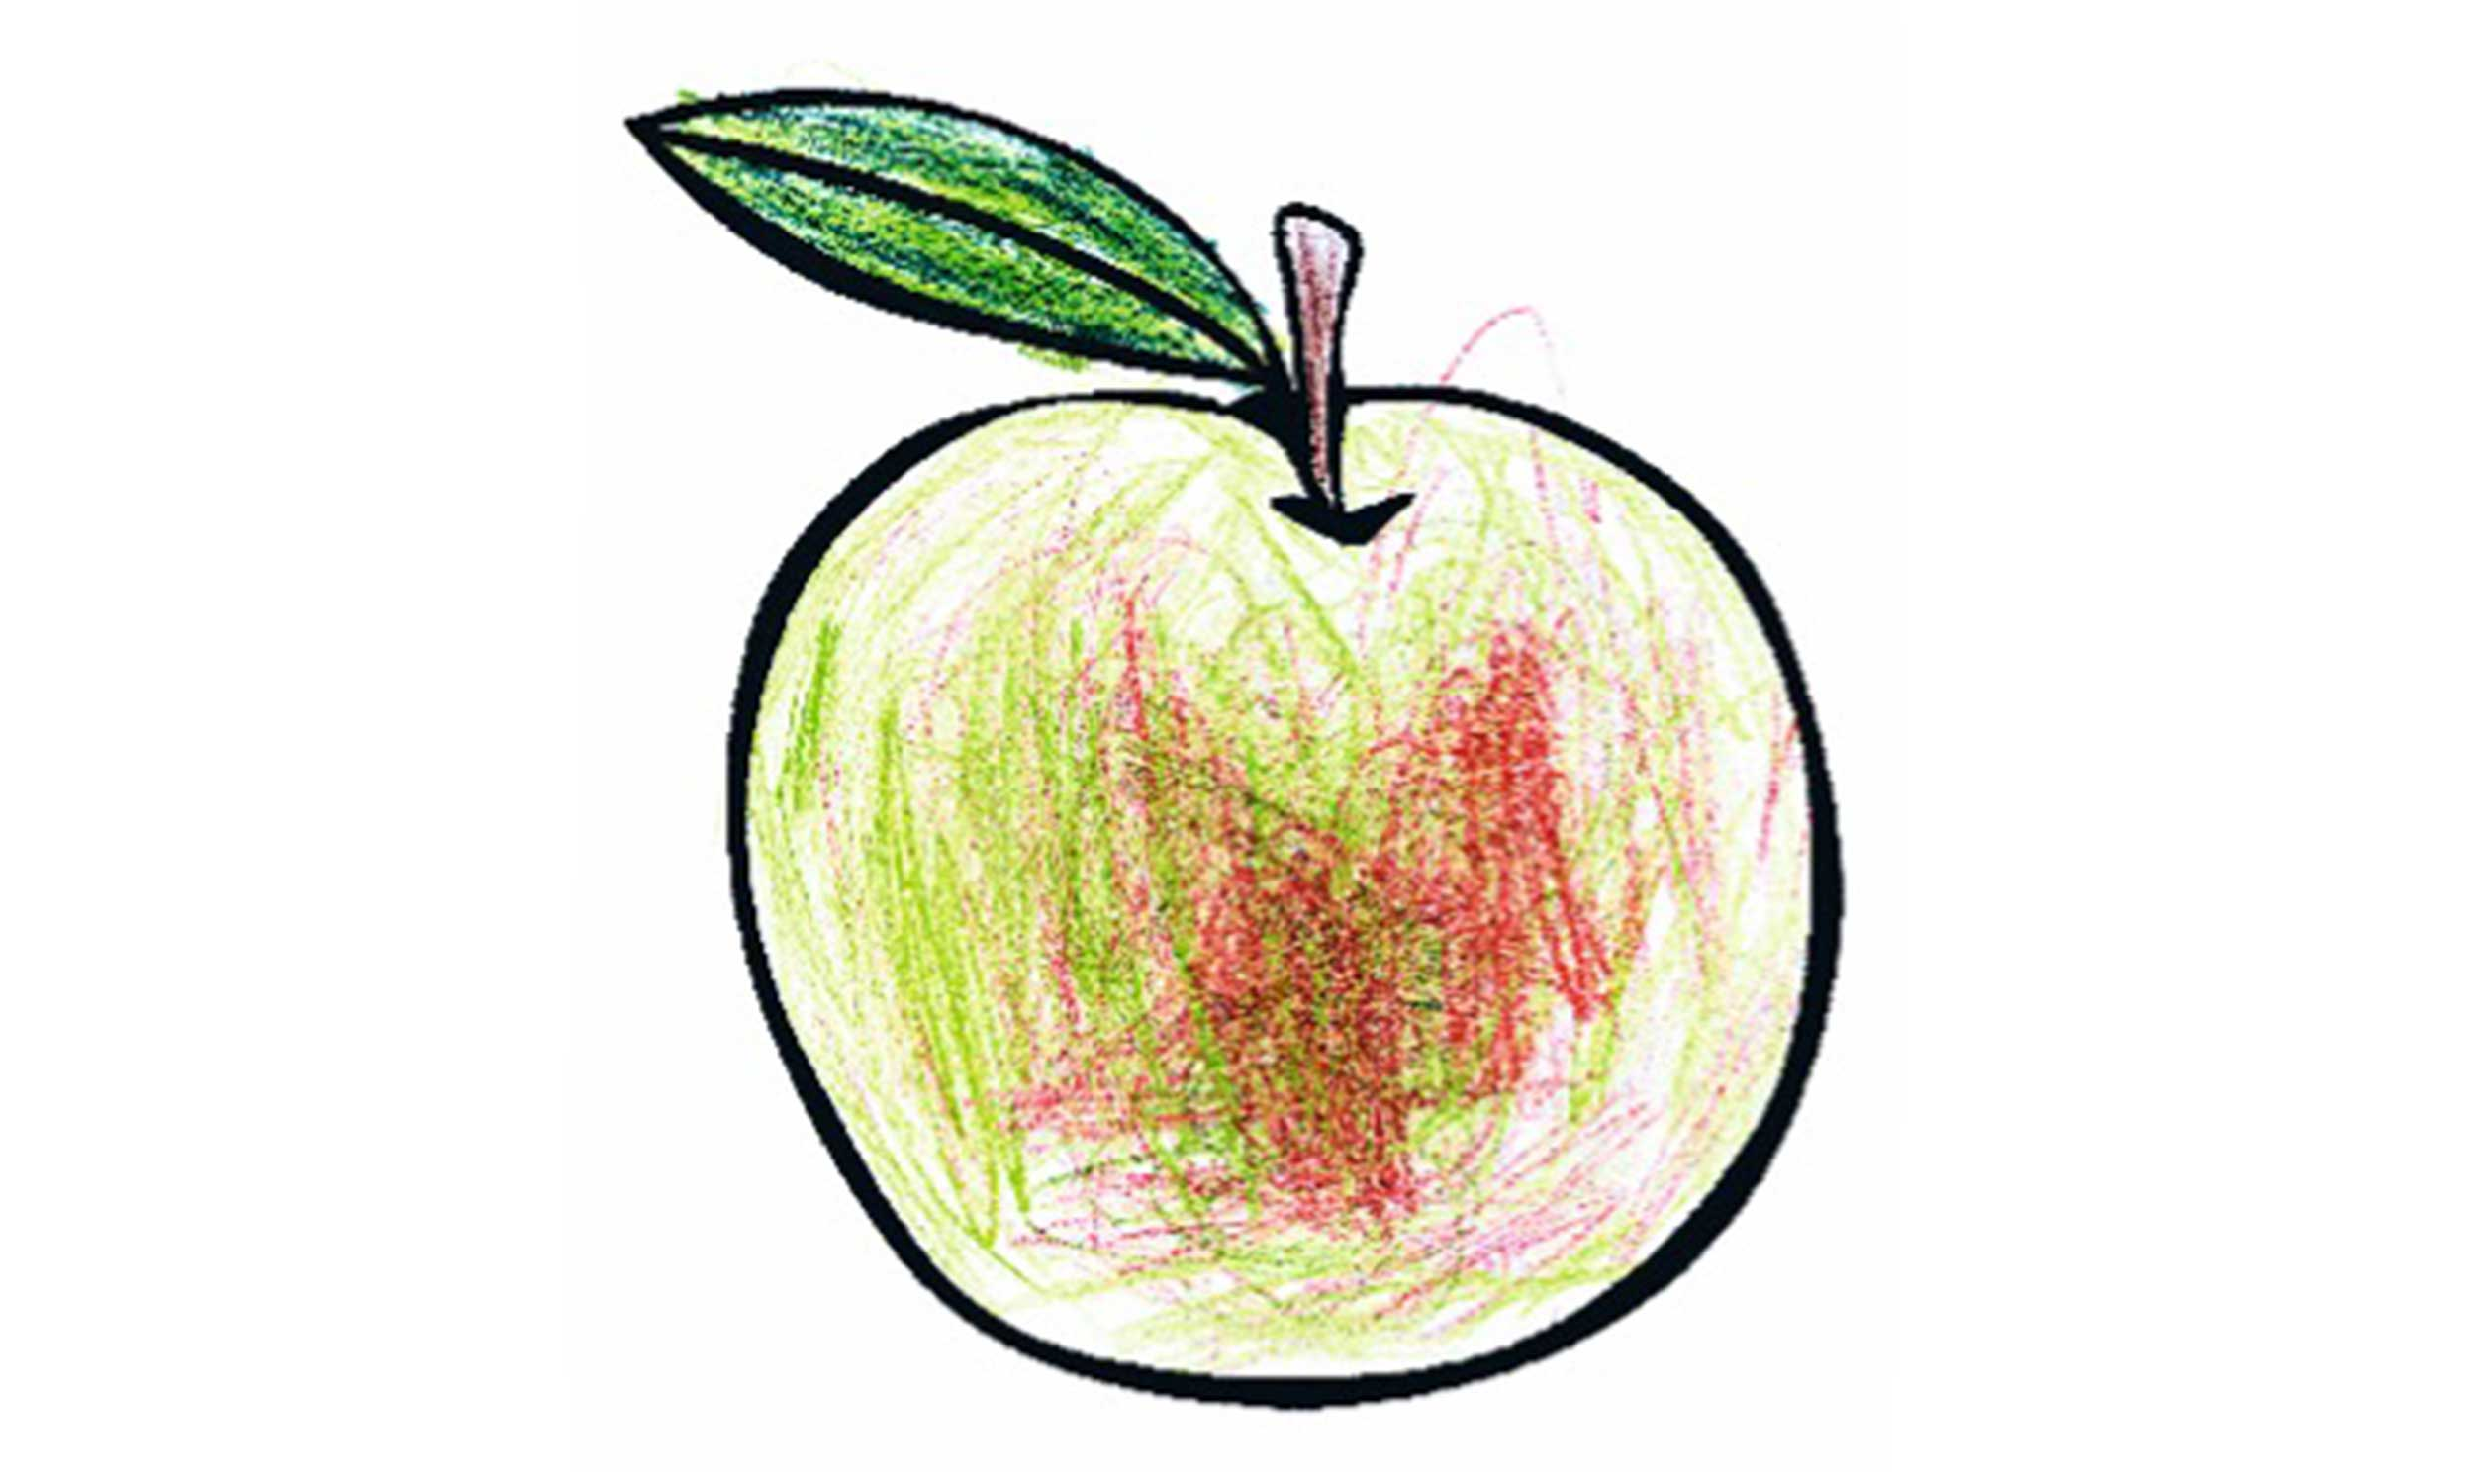 Apfelmotiv als Ausmalbild